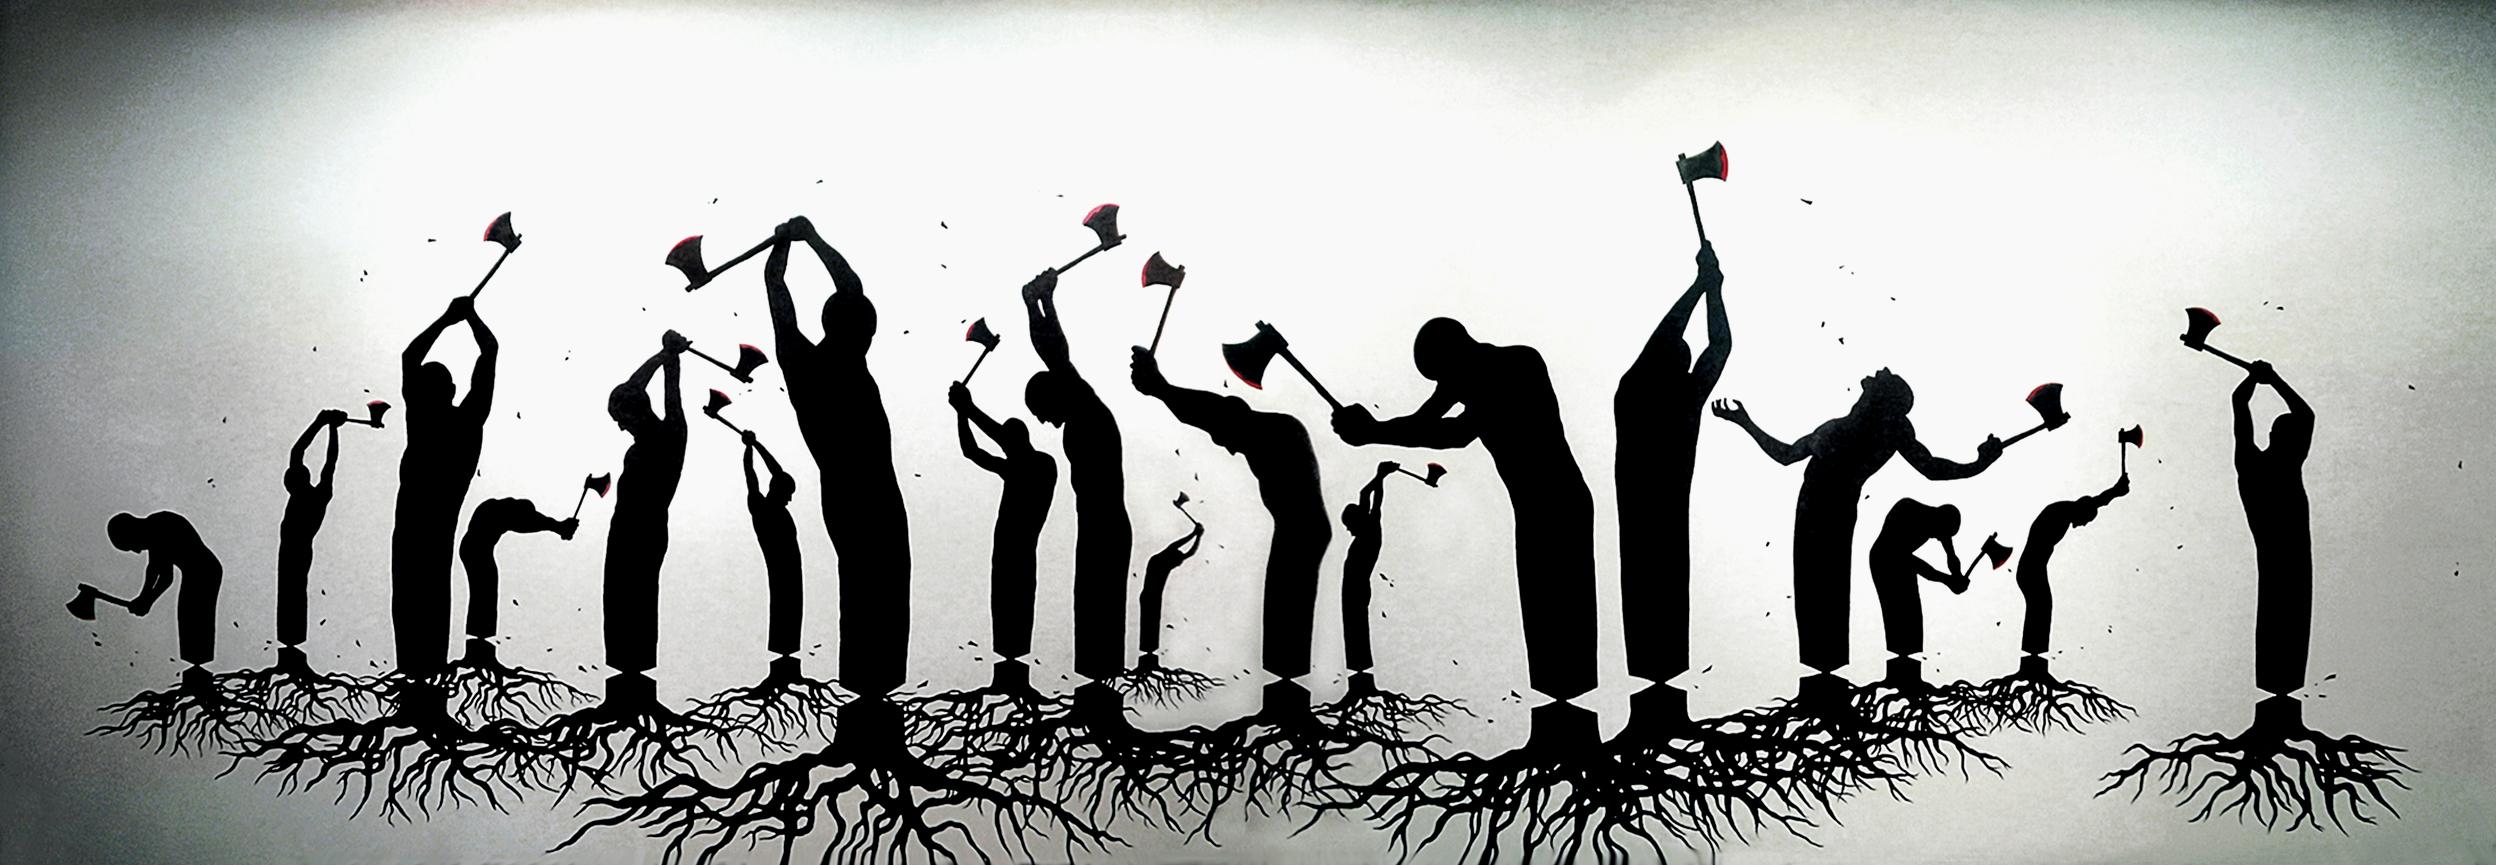 Деградация - это обрушение